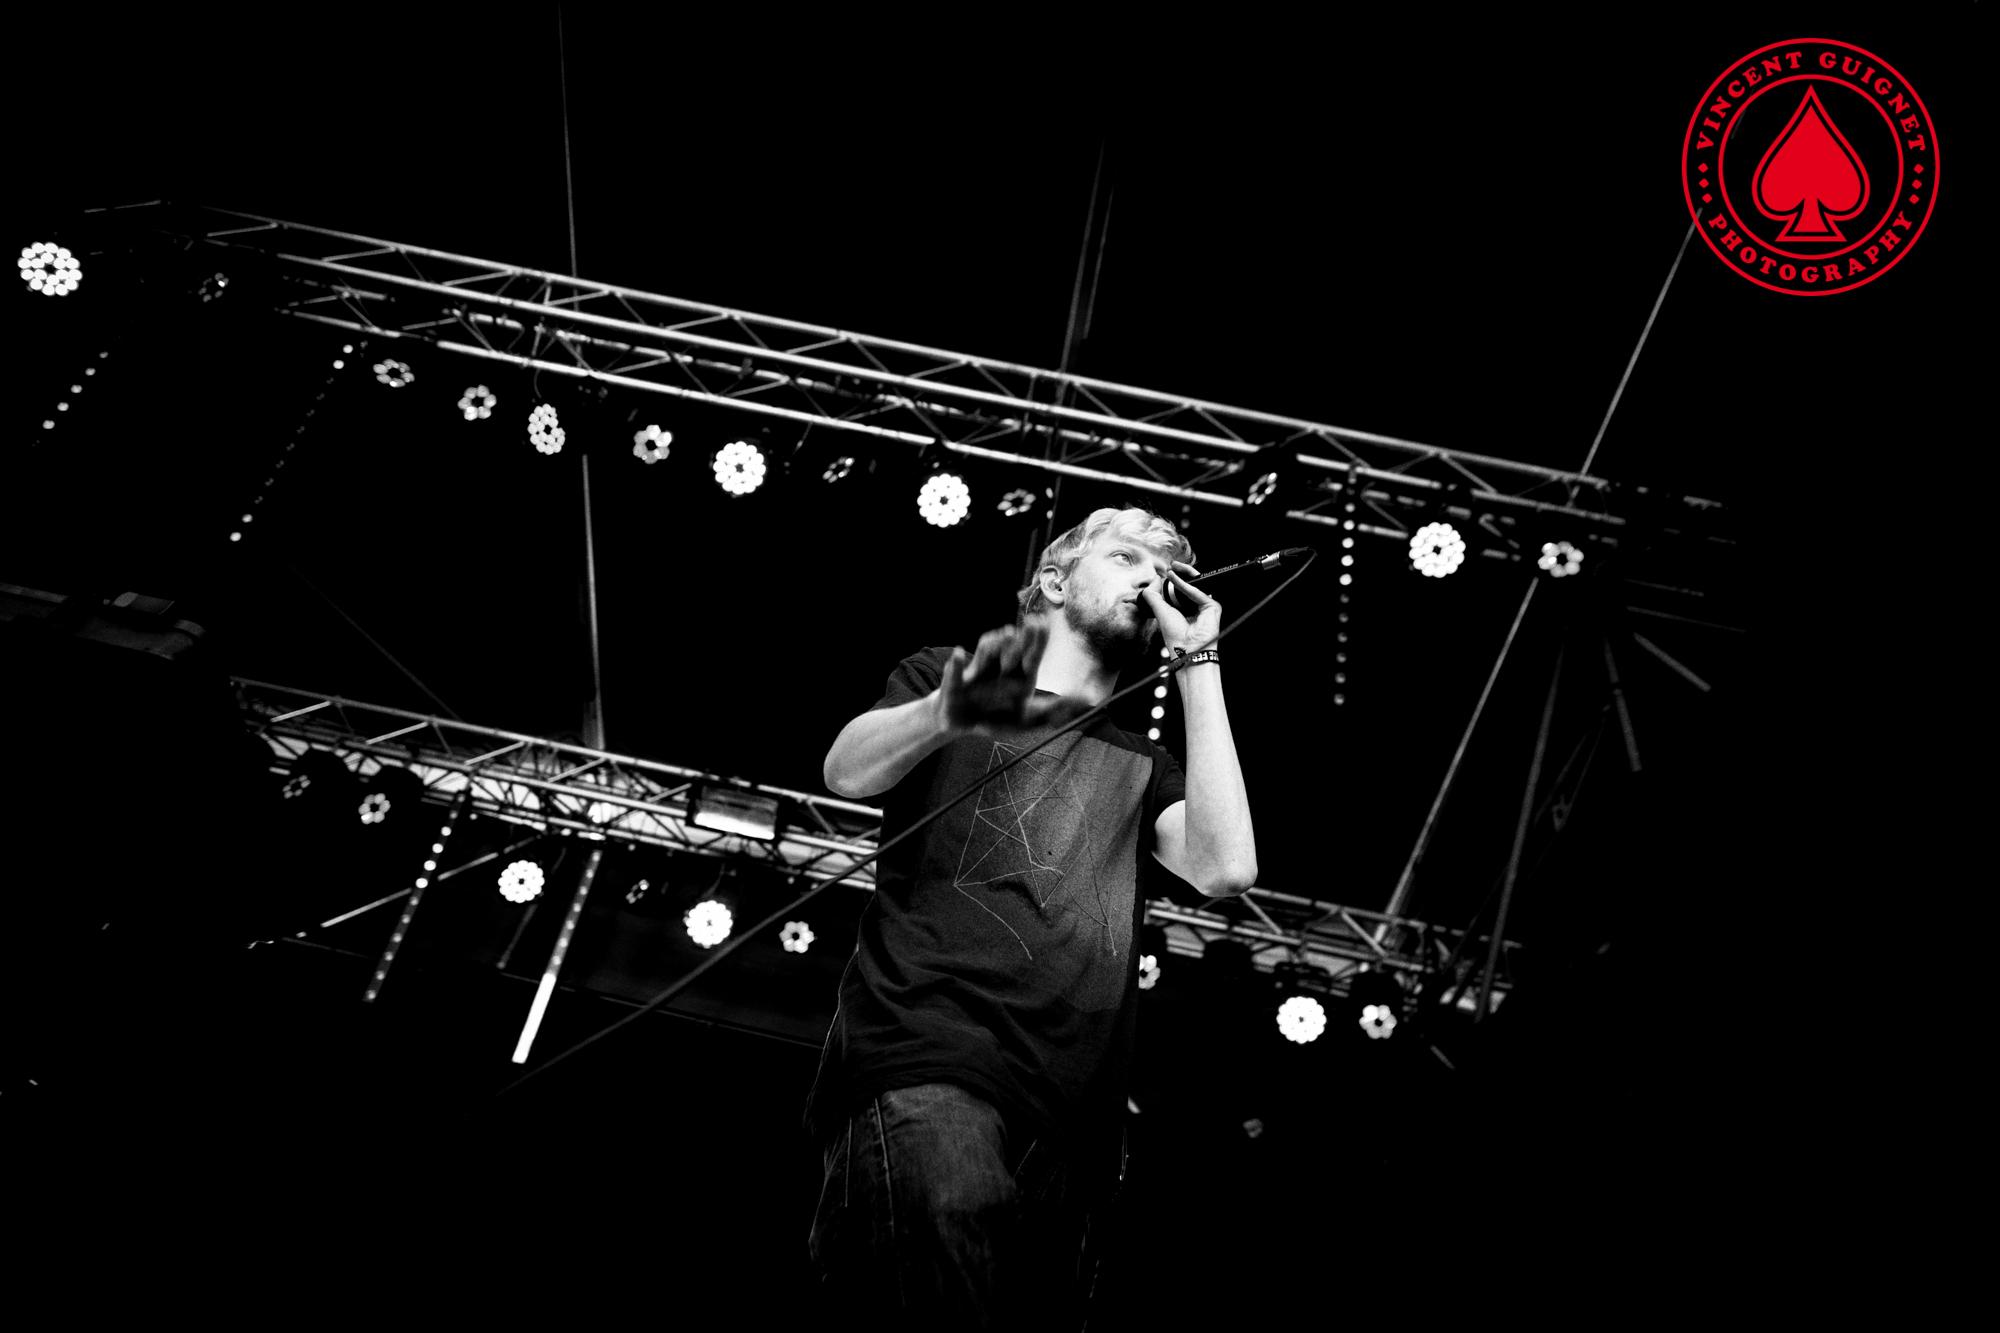 KoQa Beatbox